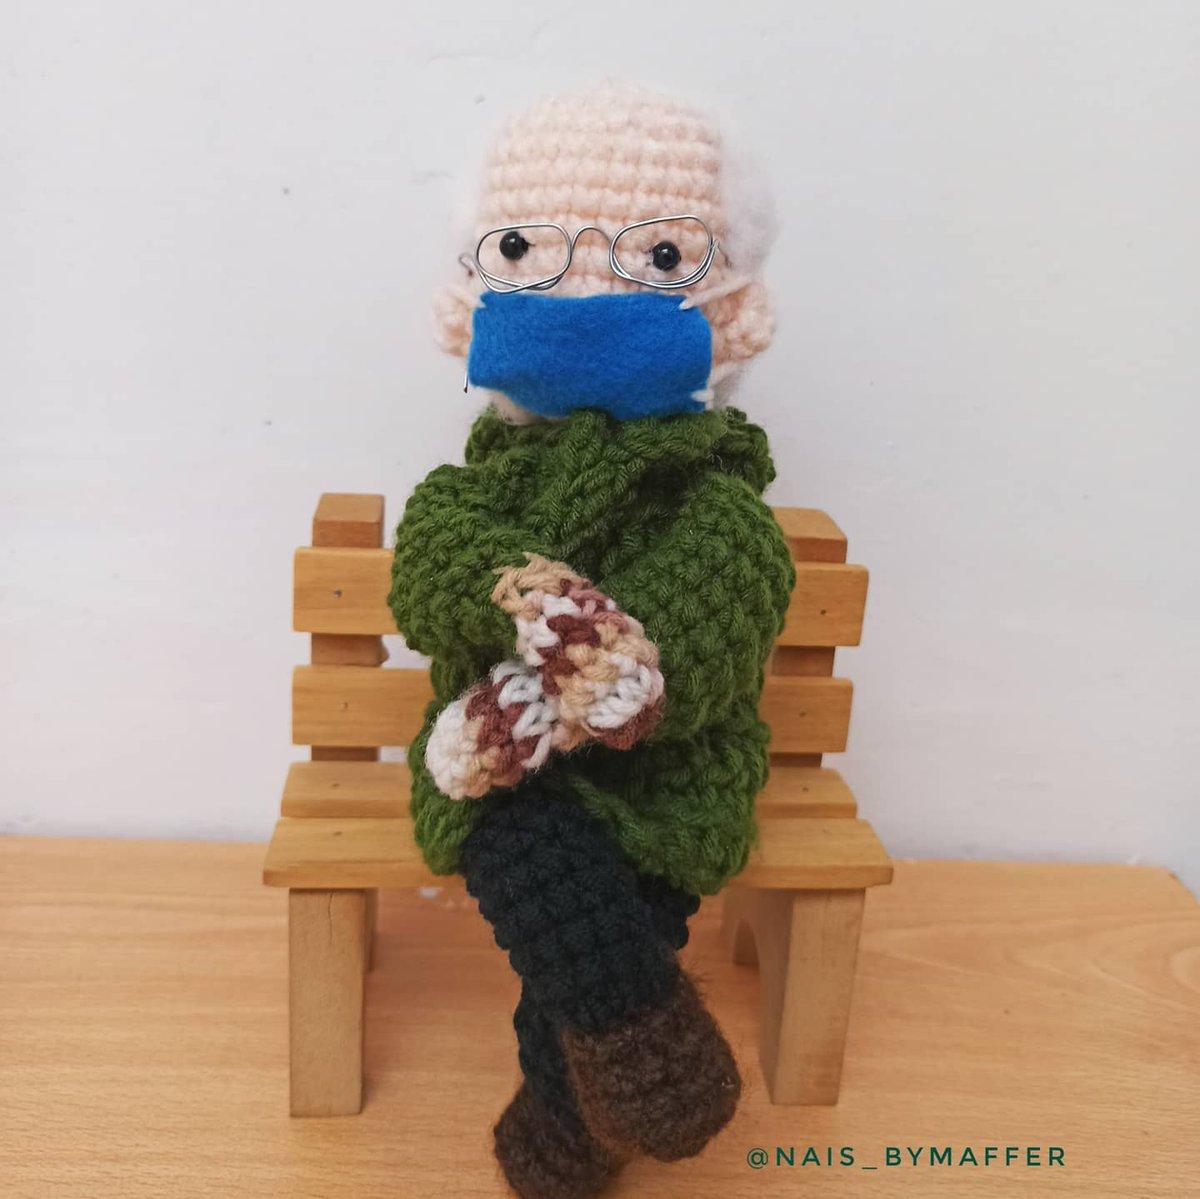 A petición de ustedes tejí a @BernieSanders en crochet  🧶 #Berniememes #amigurumi